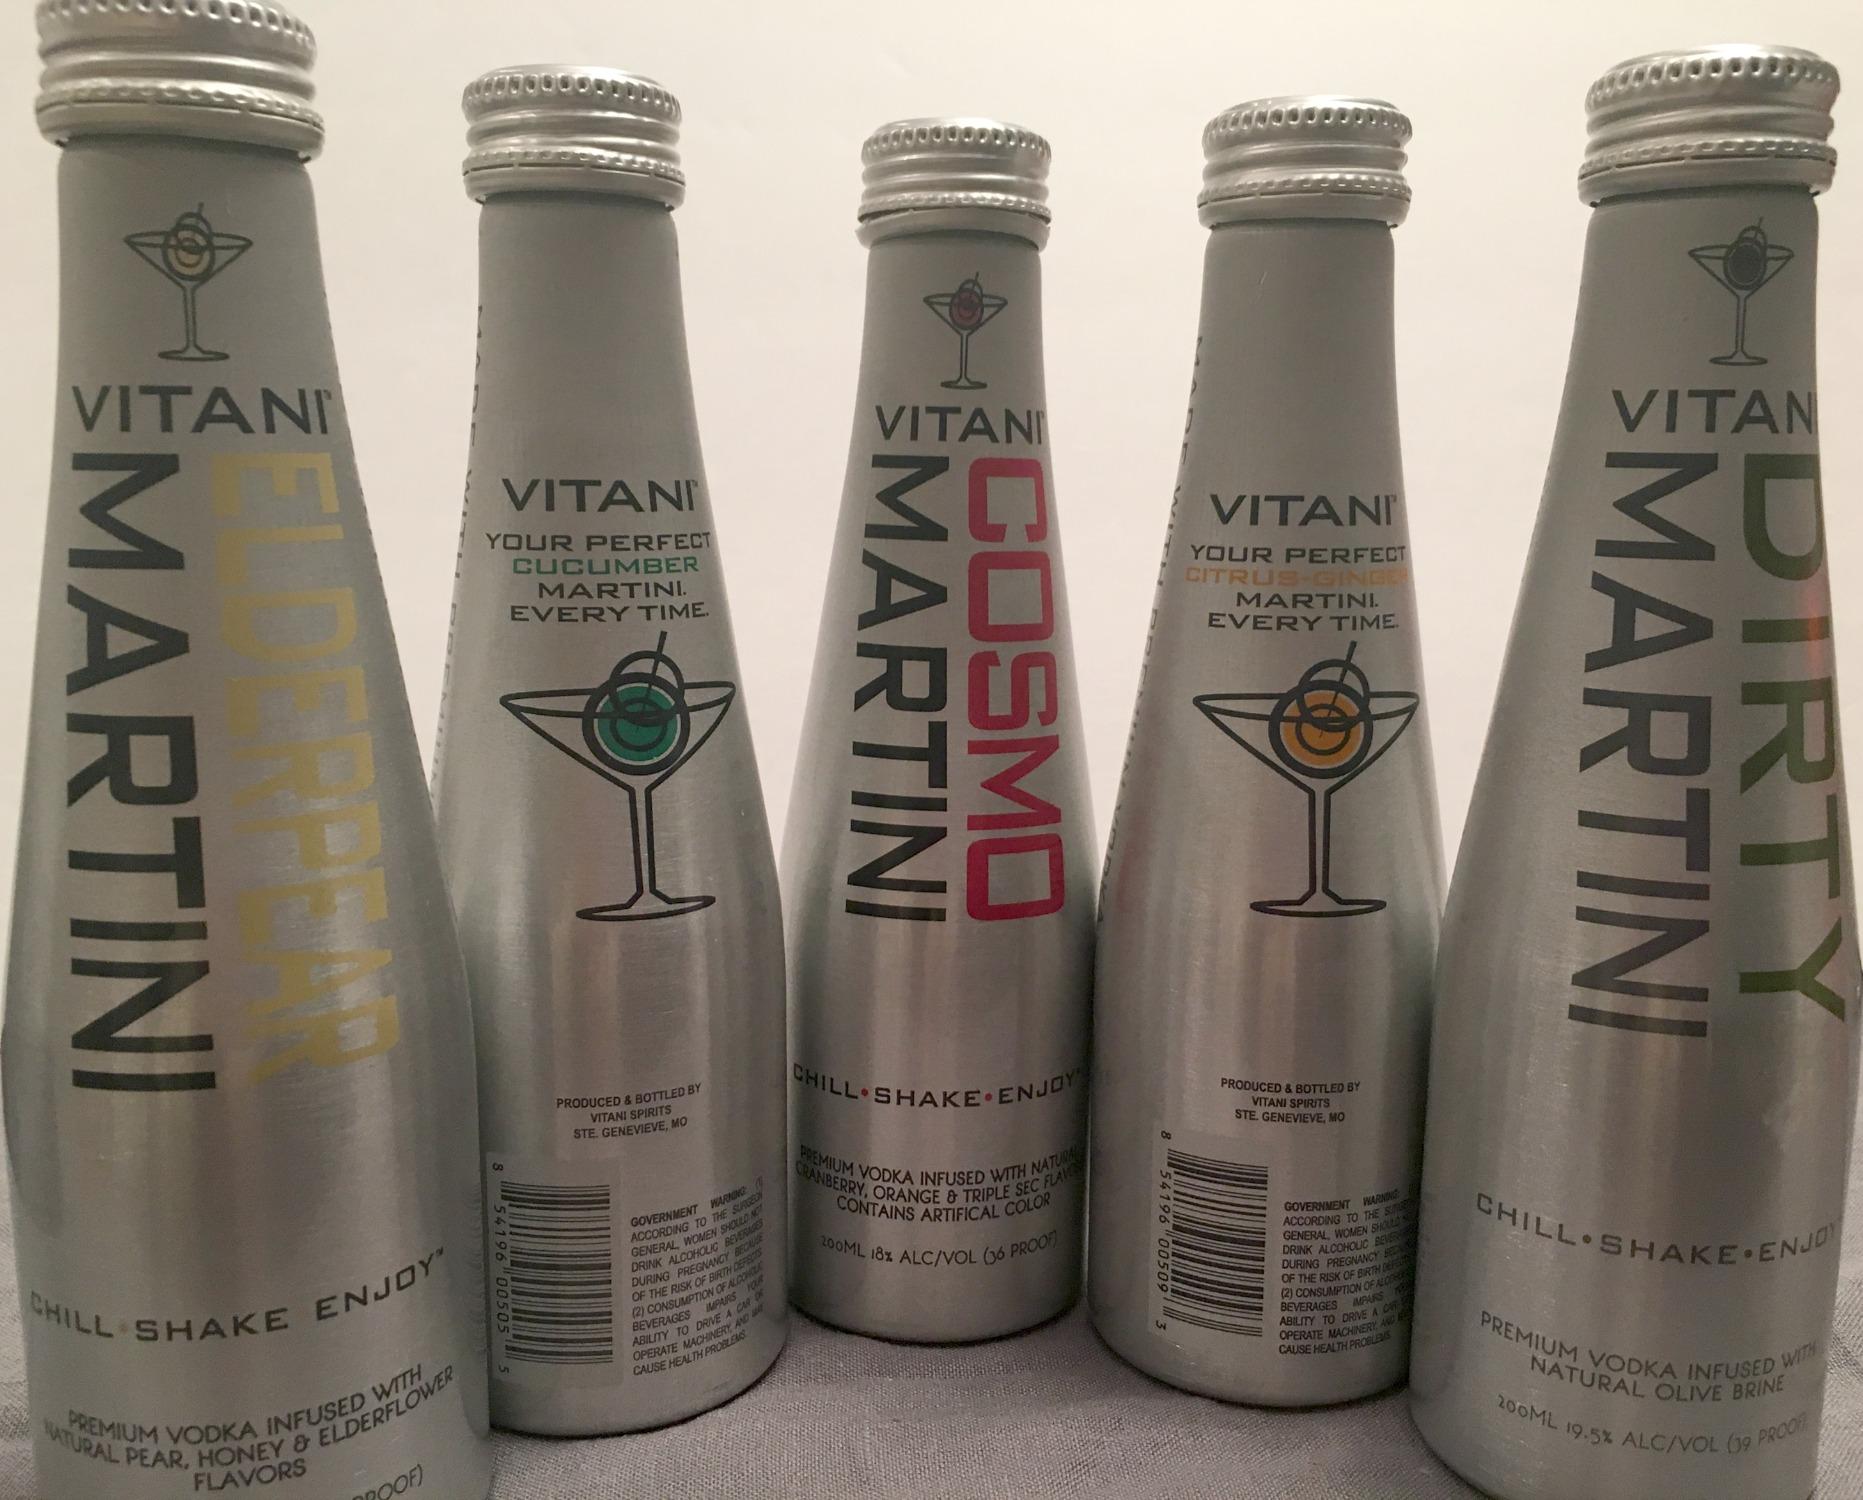 Inspiring Kitchen Vitani Martinis